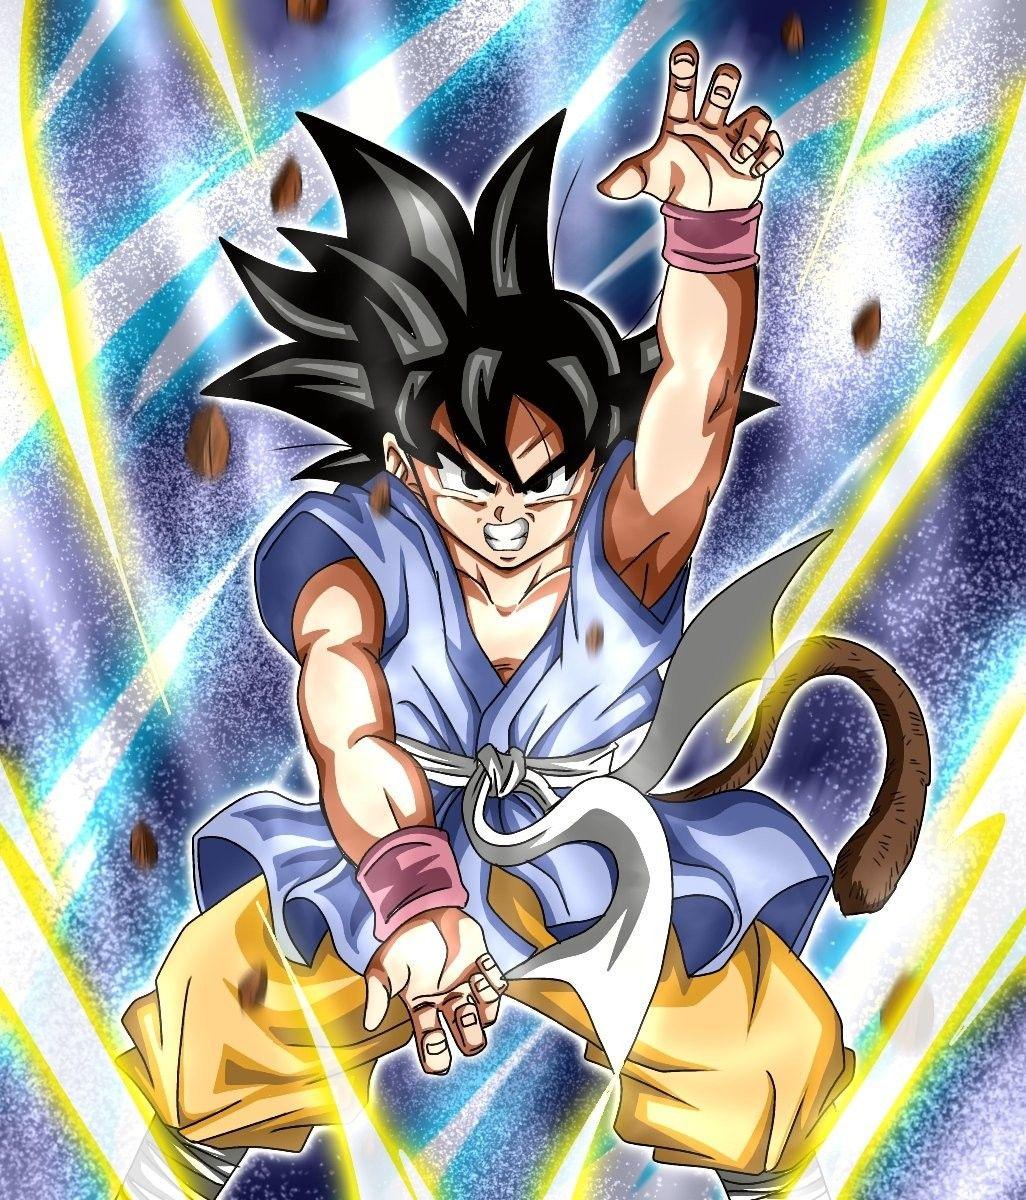 Kid Goku Dragonball Gt Anime Dragon Ball Super Dragon Ball Artwork Dragon Ball Art